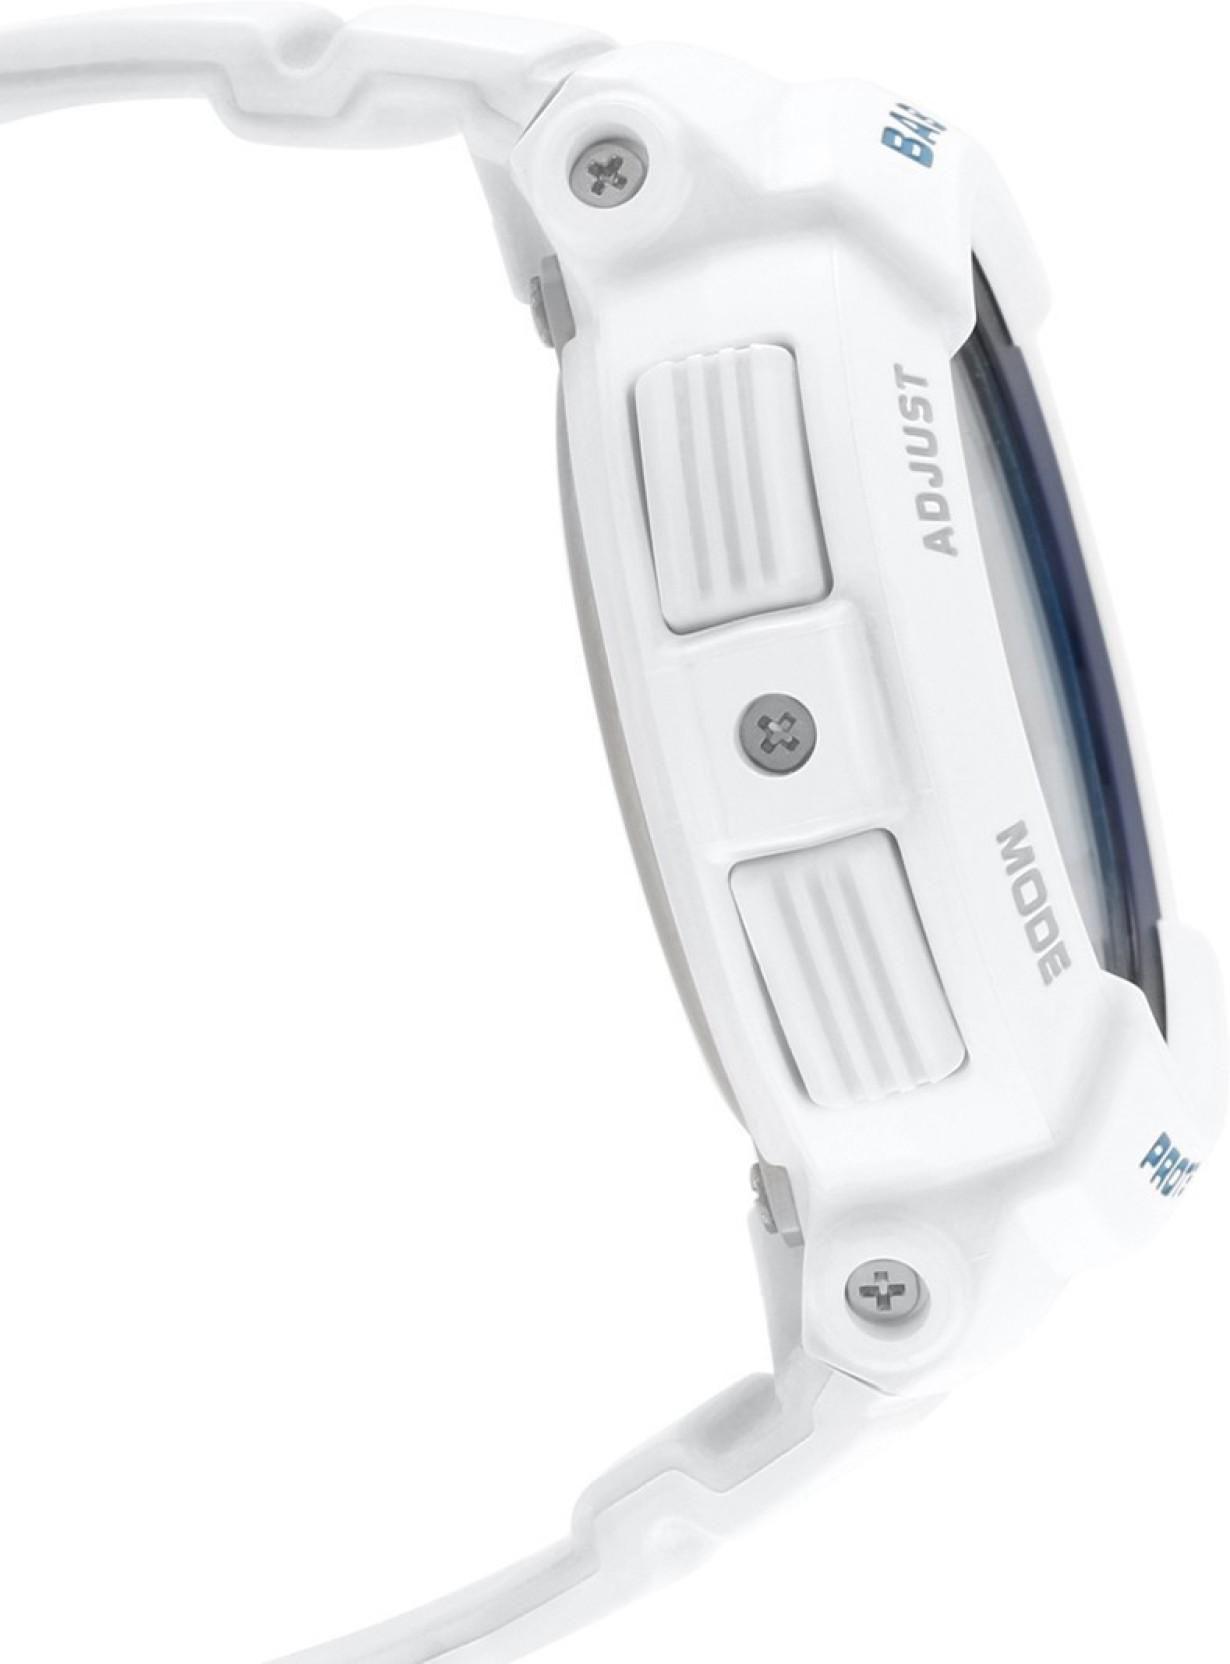 Casio BX058 Baby-G Watch - For Women